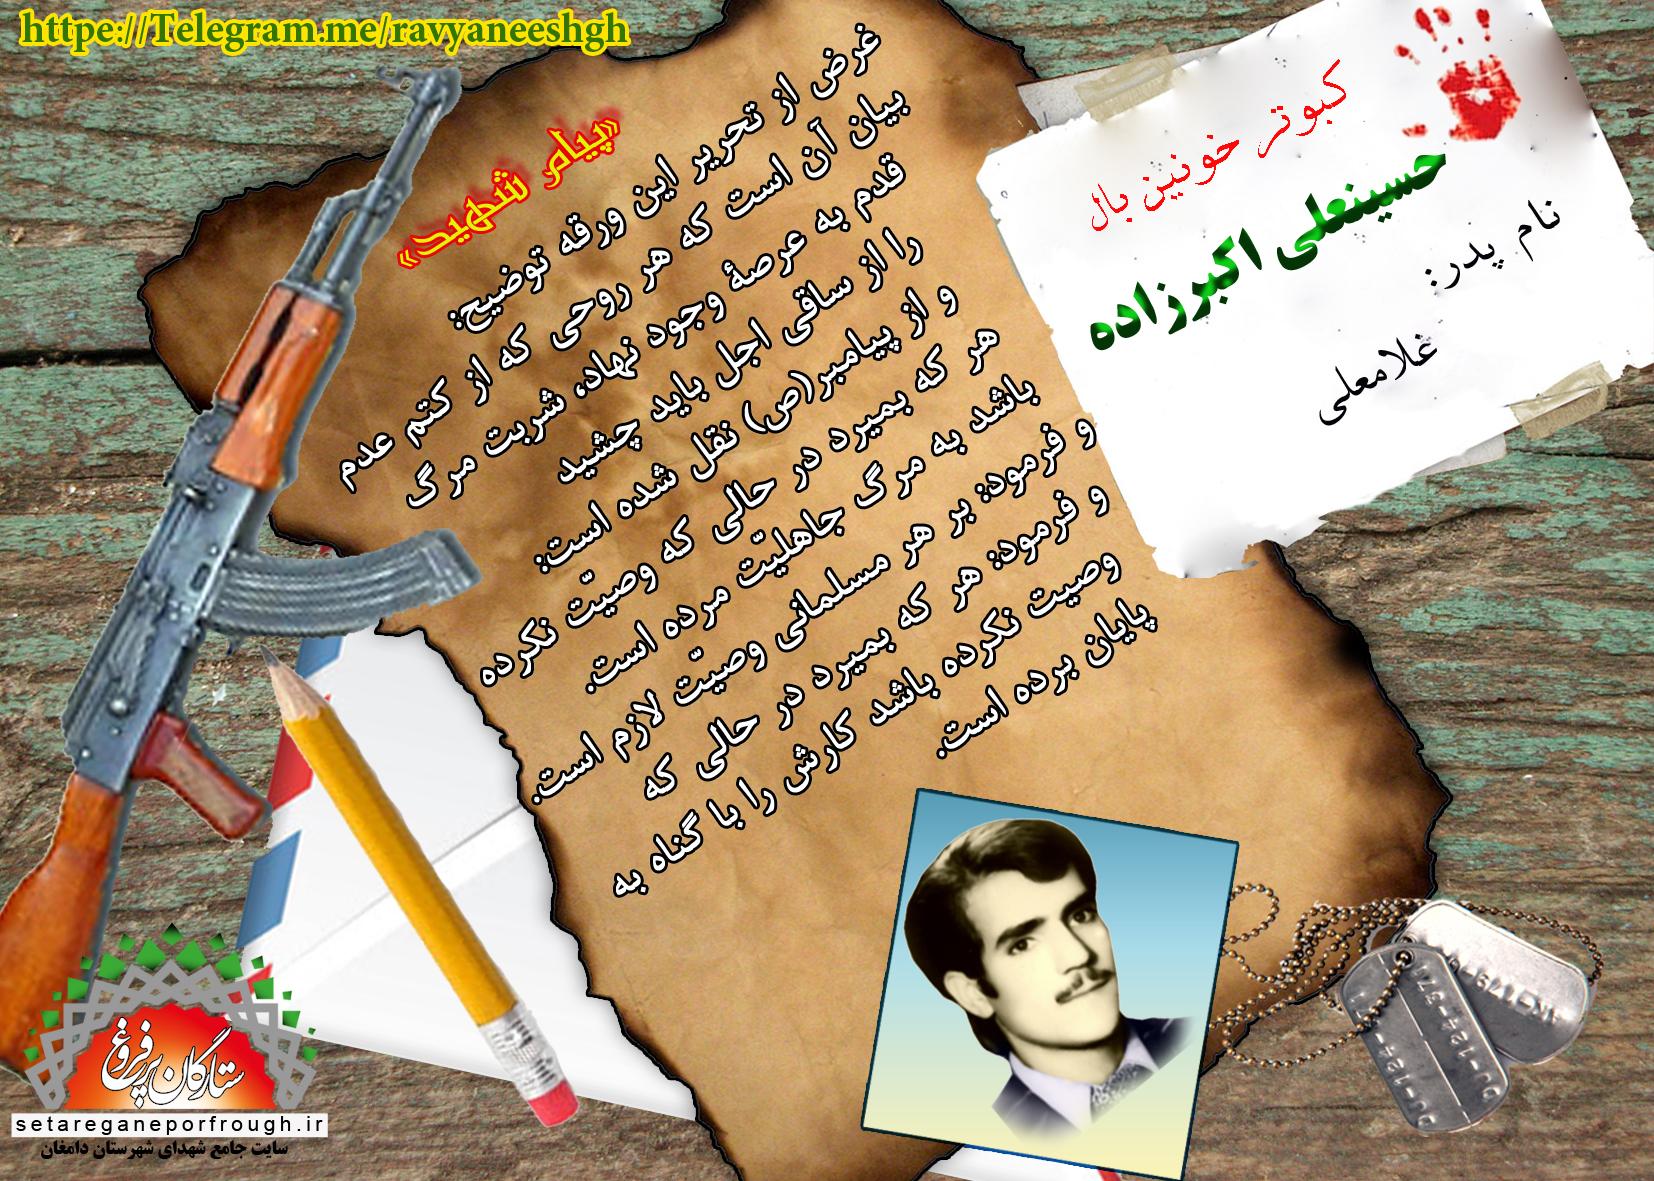 پیام شهید_گزیدهای از وصیتنامه شهید حسینعلی اکبرزاده